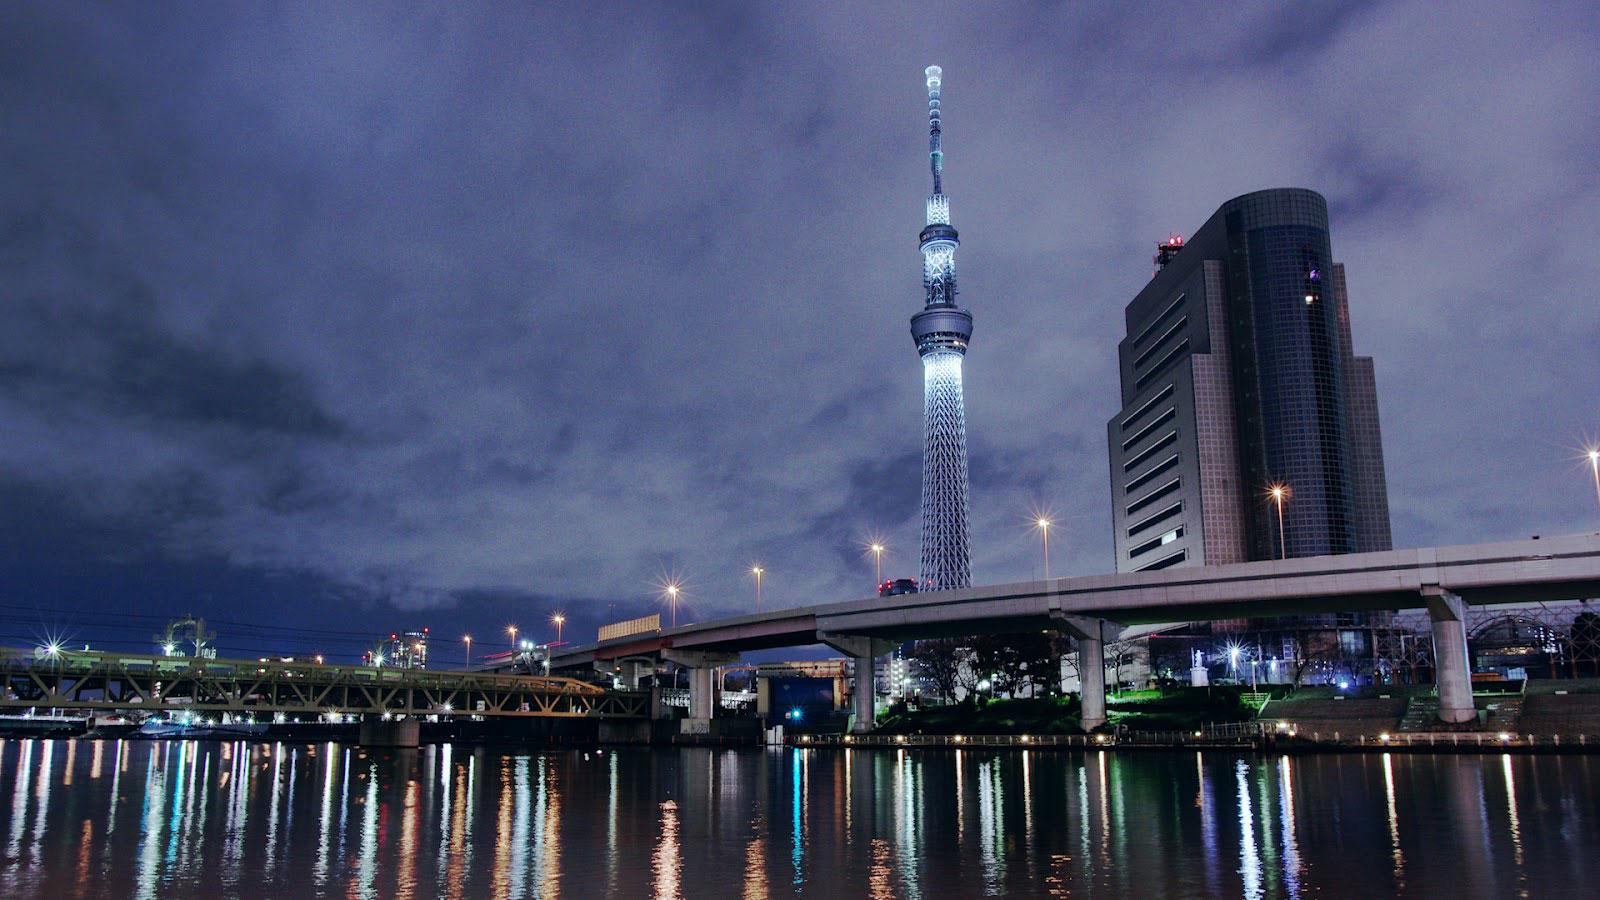 Tokyo Sky Tree skyline at night